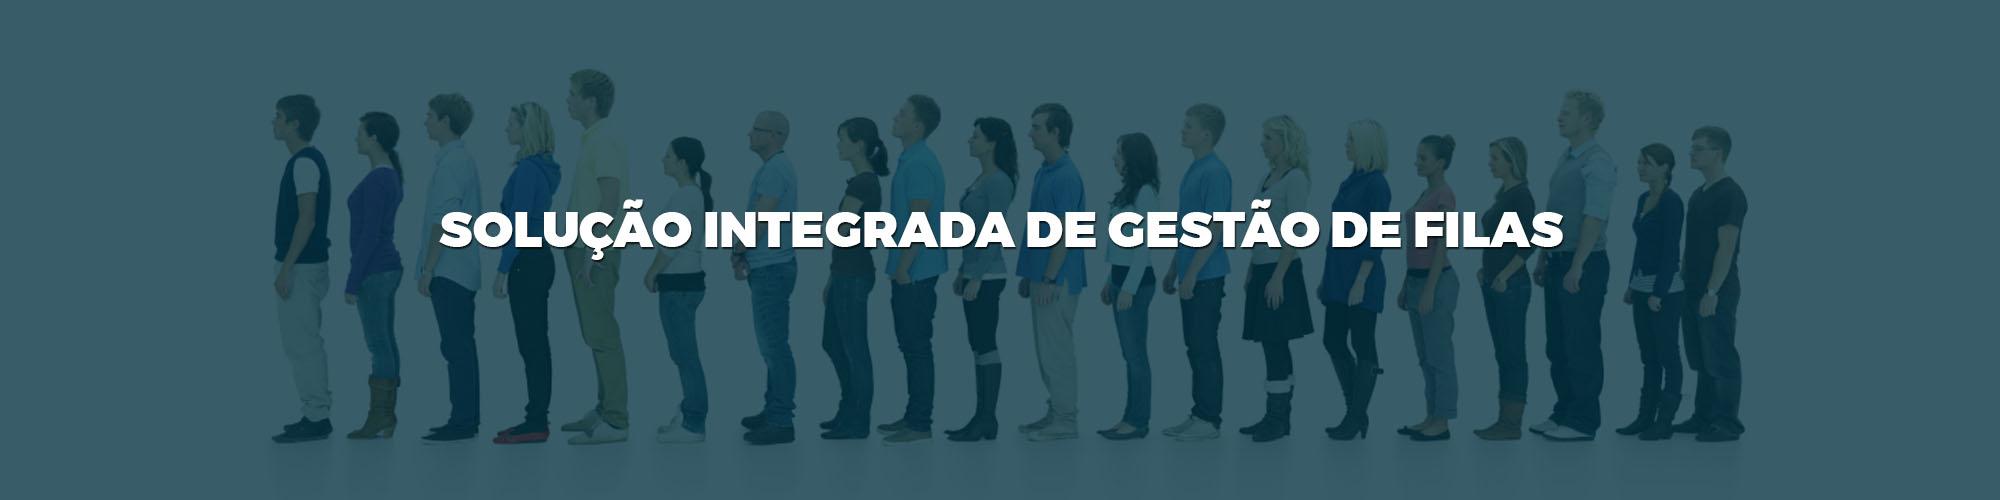 GESTÃO DE FILAS - SIGEF